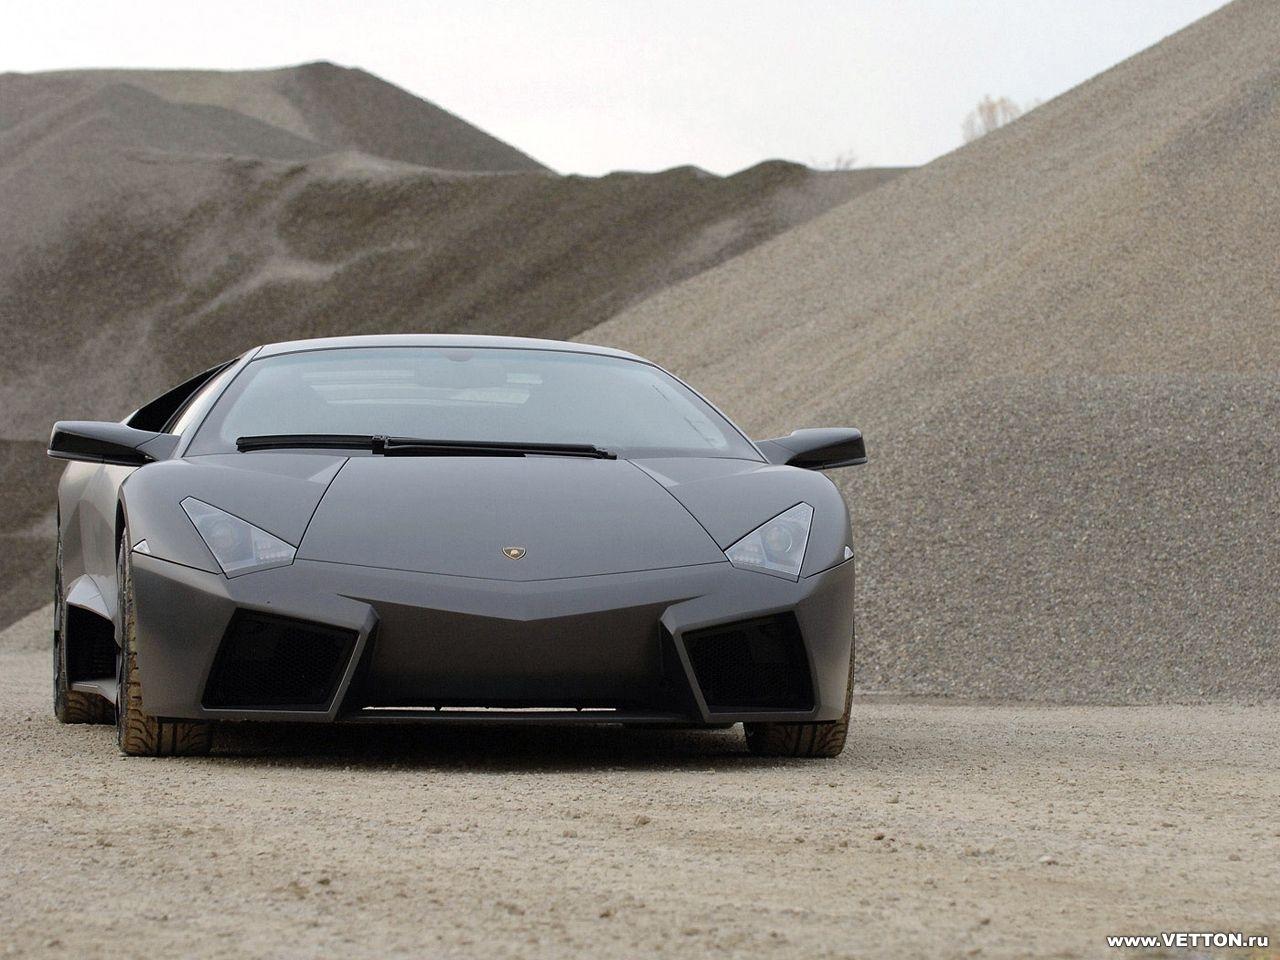 3640 скачать обои Транспорт, Машины, Ламборджини (Lamborghini) - заставки и картинки бесплатно